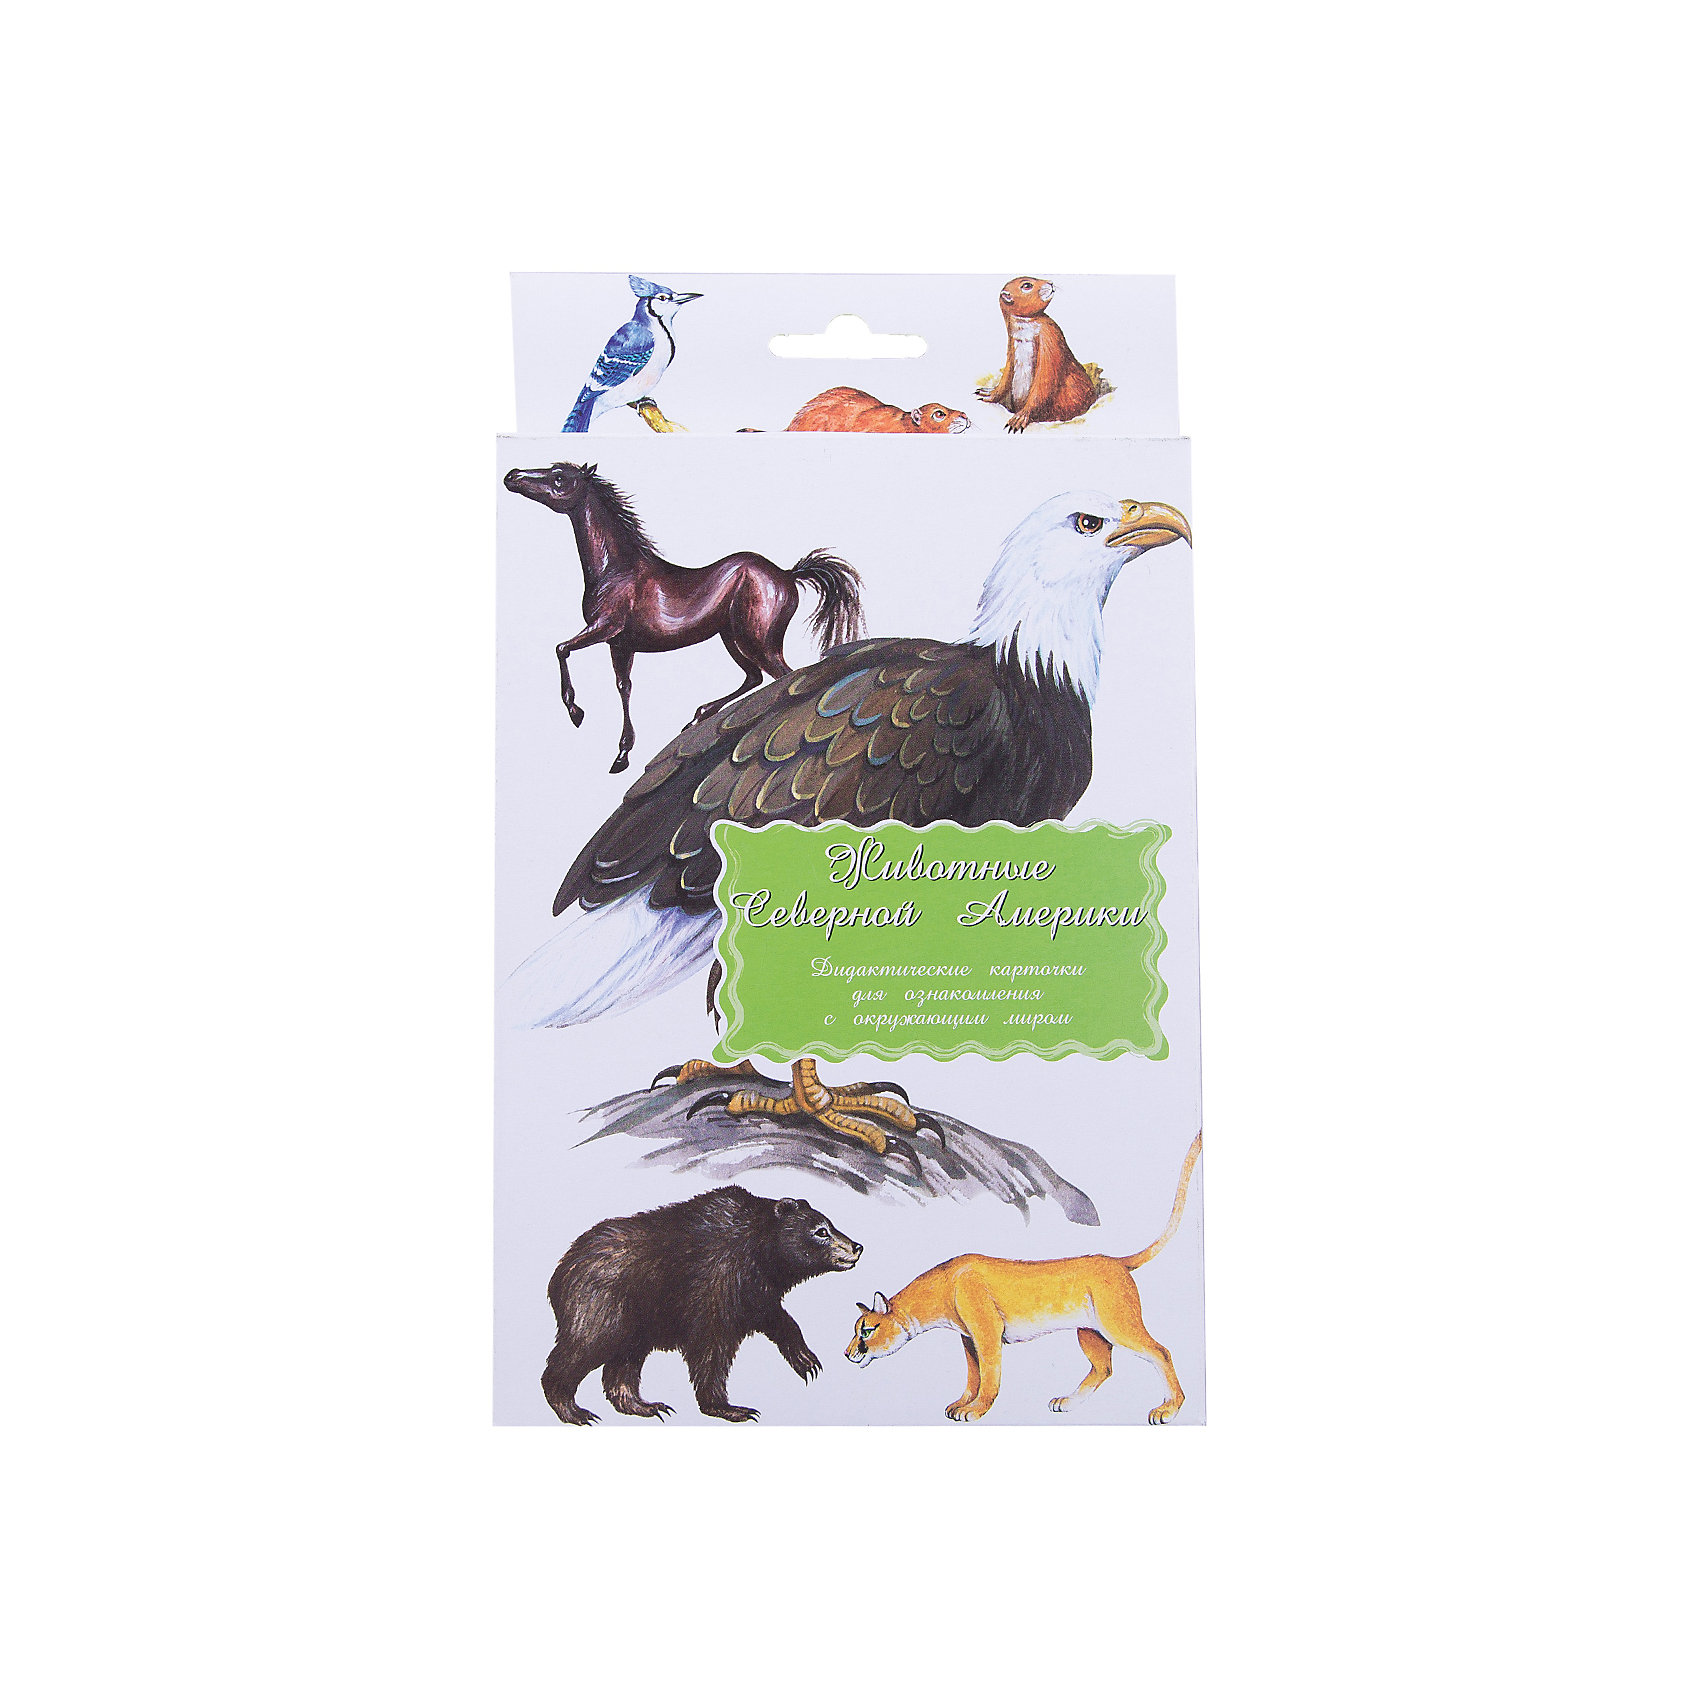 Дидактические карточки Животные Северной АмерикиОбучающие карточки<br>Тематические комплекты дидактических карточек помогут познакомить ребенка с окружающим миром, развить речевые умения, научить сравнивать, классифицировать, обобщать. Карточки рекомендуются родителям для познавательных игр с детьми и занятий  по методике Г.Домана.  Могут использоваться в индивидуальной и групповой работе логопедами, психологами, воспитателями детских садов, учителями начальных классов.  В каждом комплекте 16 карточек, каждая из которых содержит интересную познавательную информацию об изображенном на ней предмете.<br><br>Ширина мм: 150<br>Глубина мм: 90<br>Высота мм: 90<br>Вес г: 200<br>Возраст от месяцев: 36<br>Возраст до месяцев: 2147483647<br>Пол: Унисекс<br>Возраст: Детский<br>SKU: 4802971